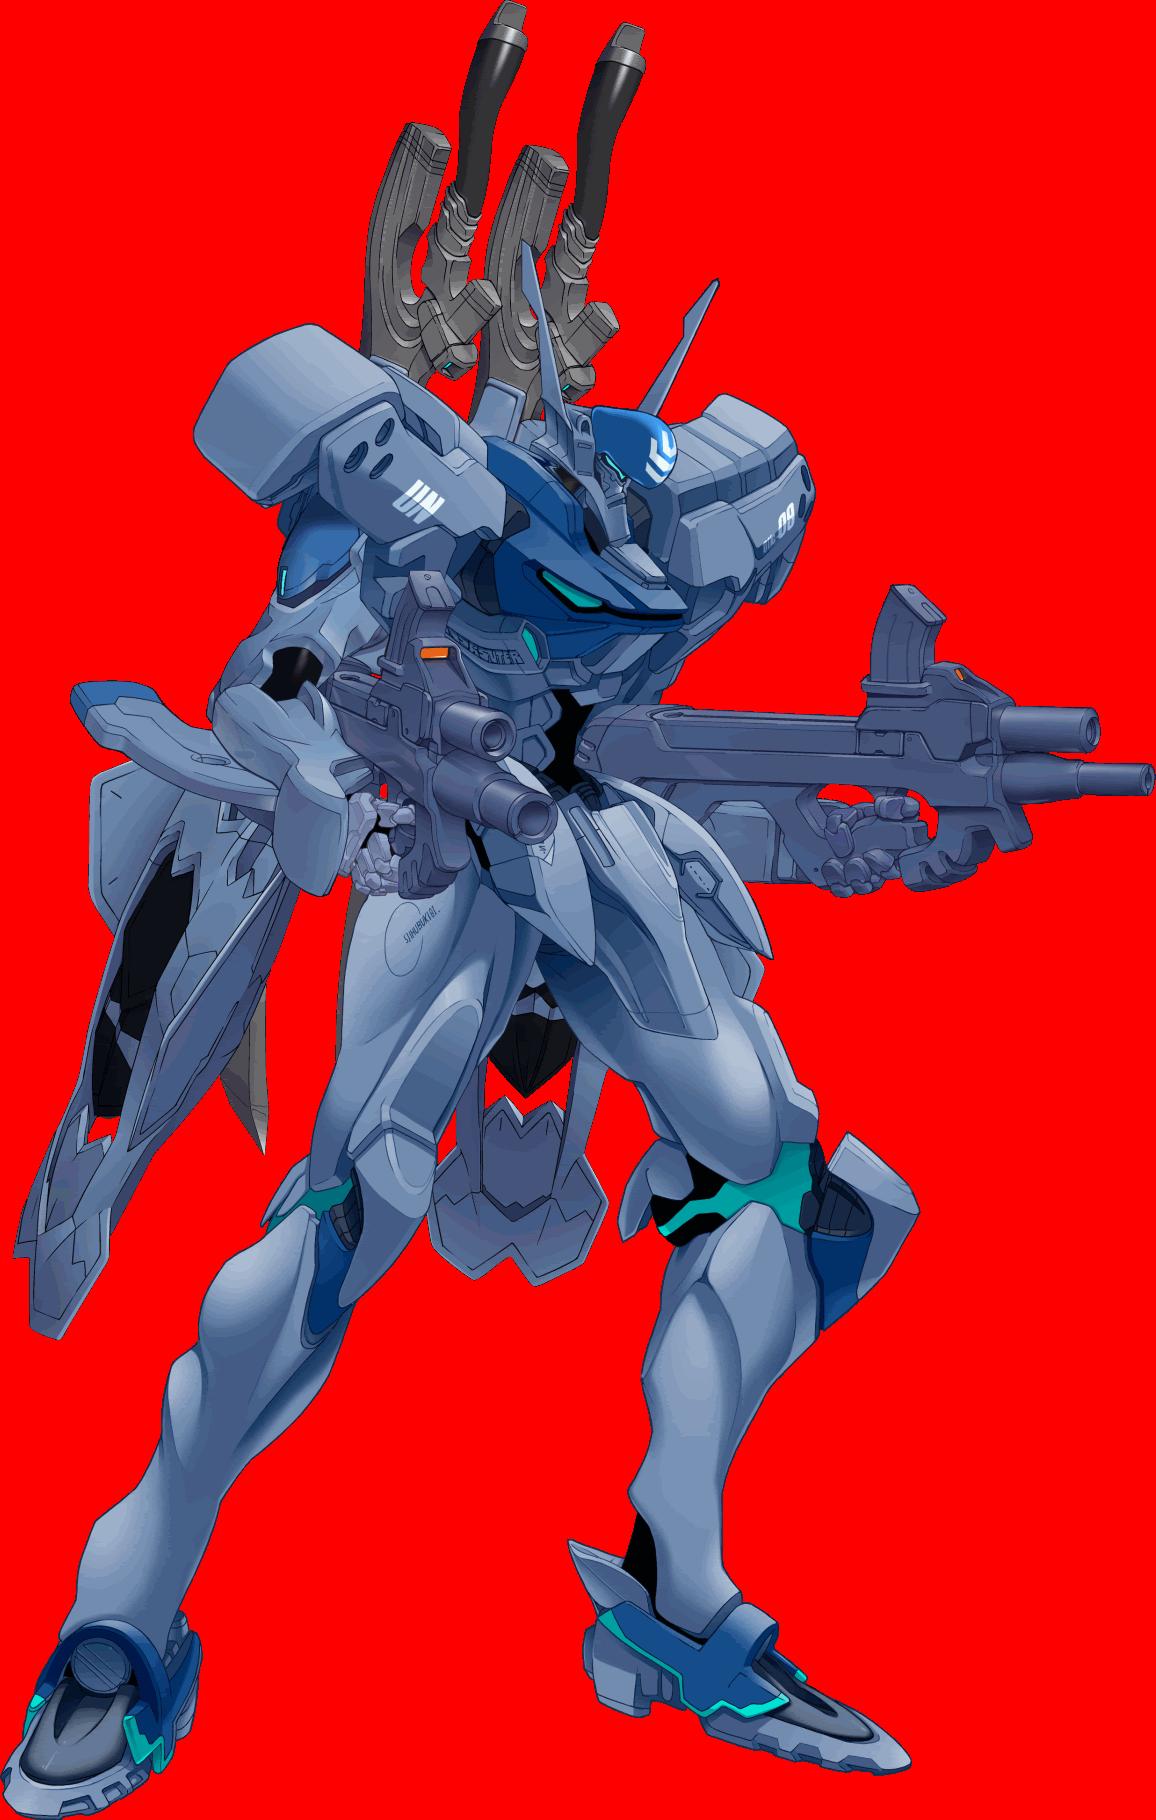 Type-94 Shiranui